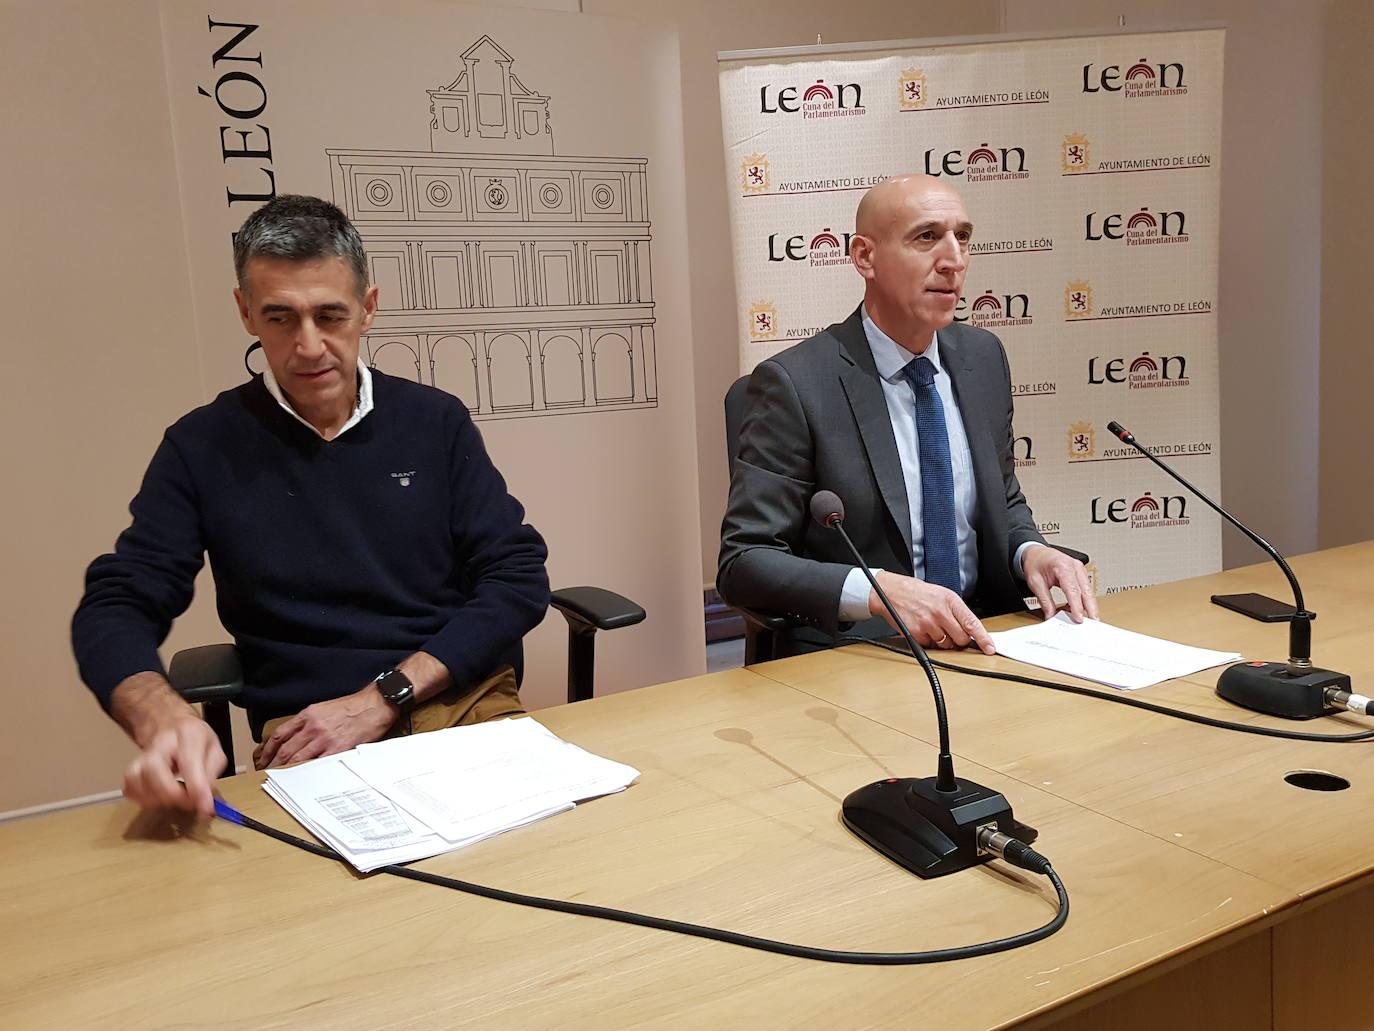 El alcalde de León presenta los presupuestos municipales